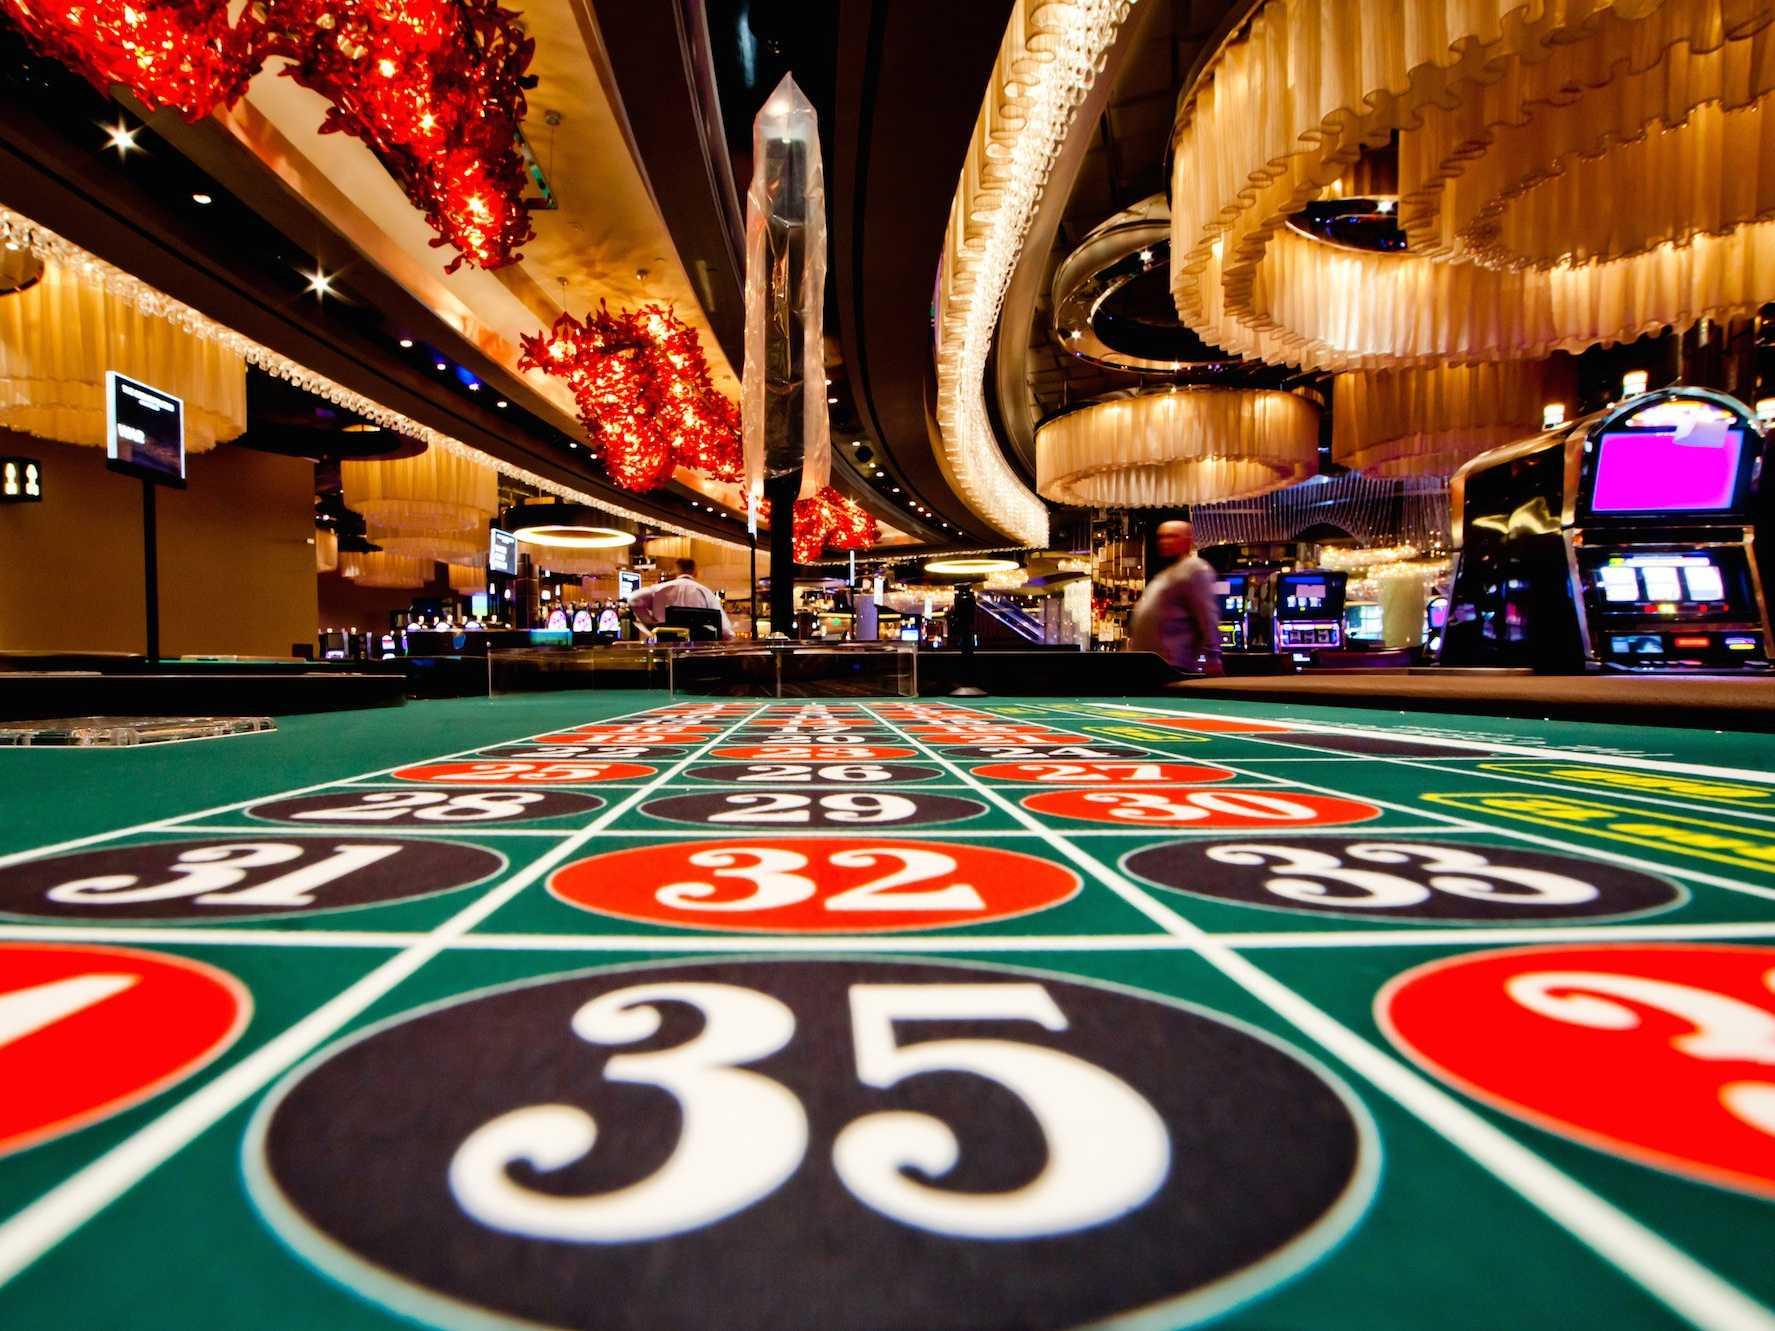 Jeux casino: un divertissement relaxant